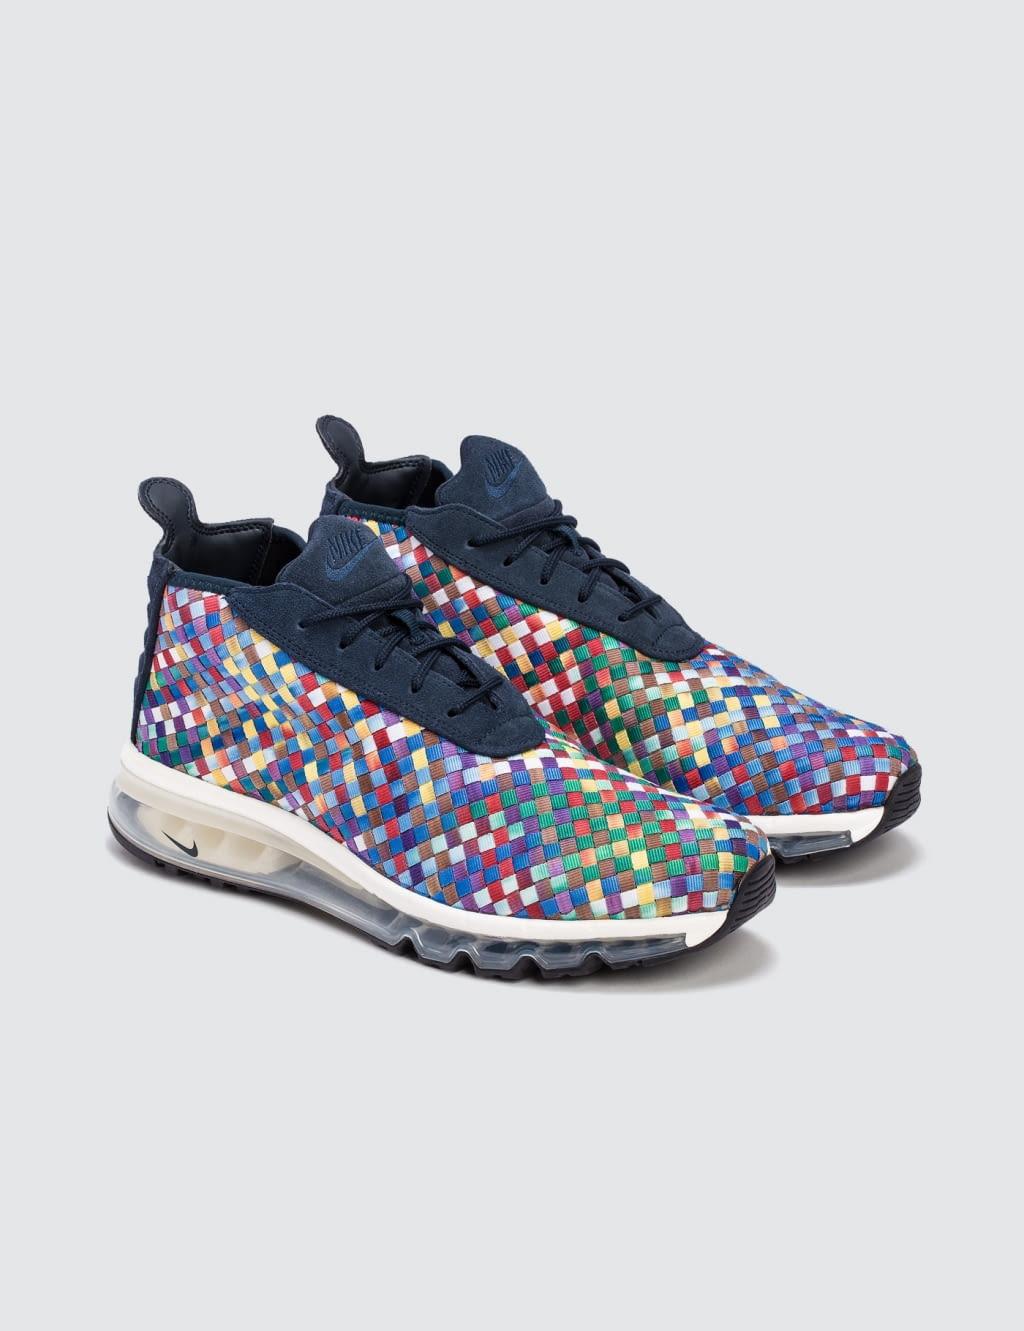 Inilah Rekomendasi Sepatu Nike Air Max yang Terbaik Beserta Harganya ... 45714bc1f4